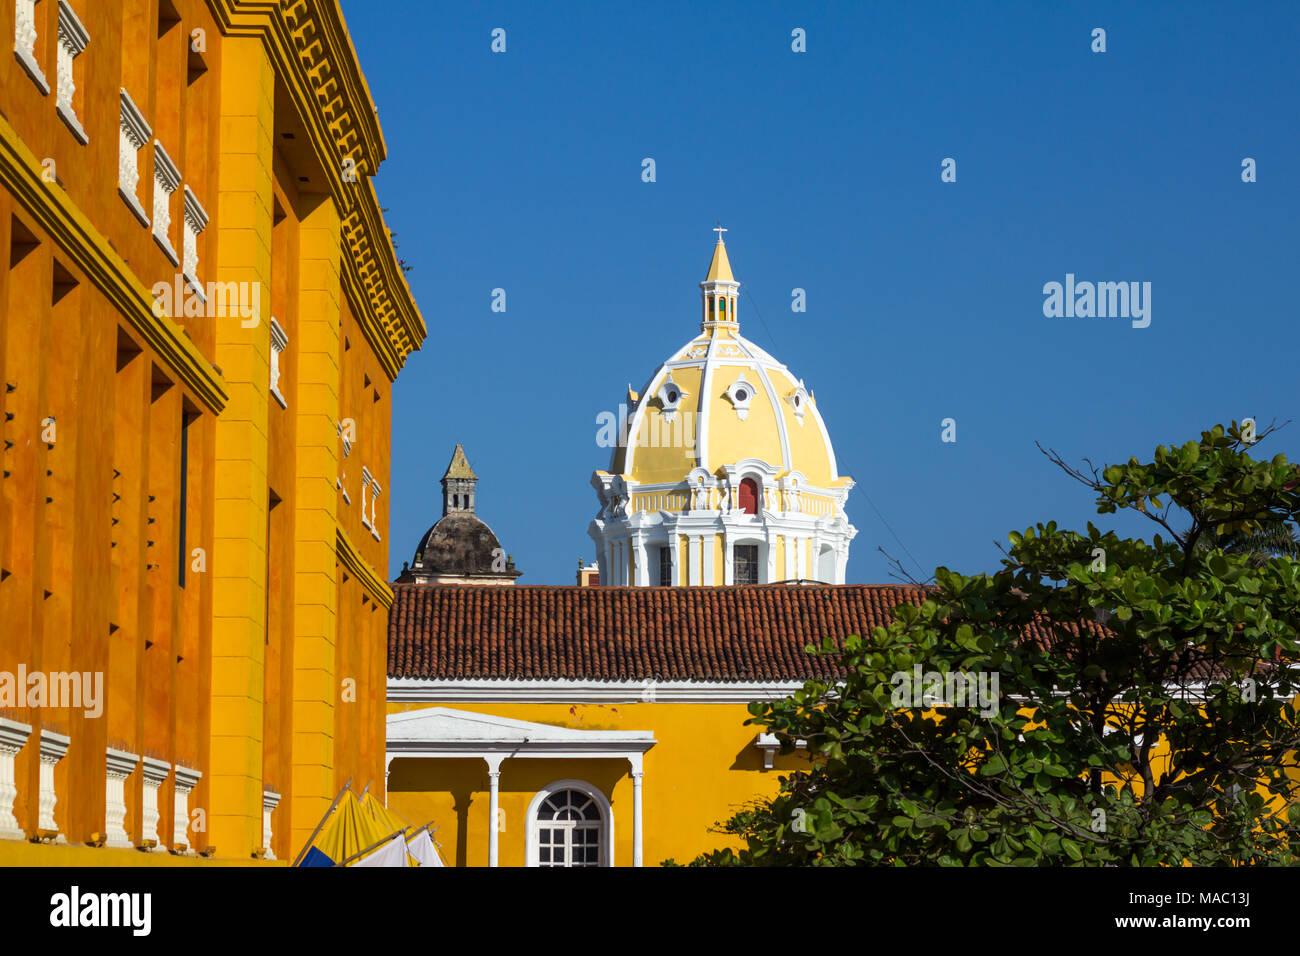 Peaking oben Terracotta Fliesen Dach ist die reich verzierte, hellem Zitronengelb gefärbten Kuppel der Kirche San Pedro Claver durchbohrt Dunkelblauen Himmel. Stockbild